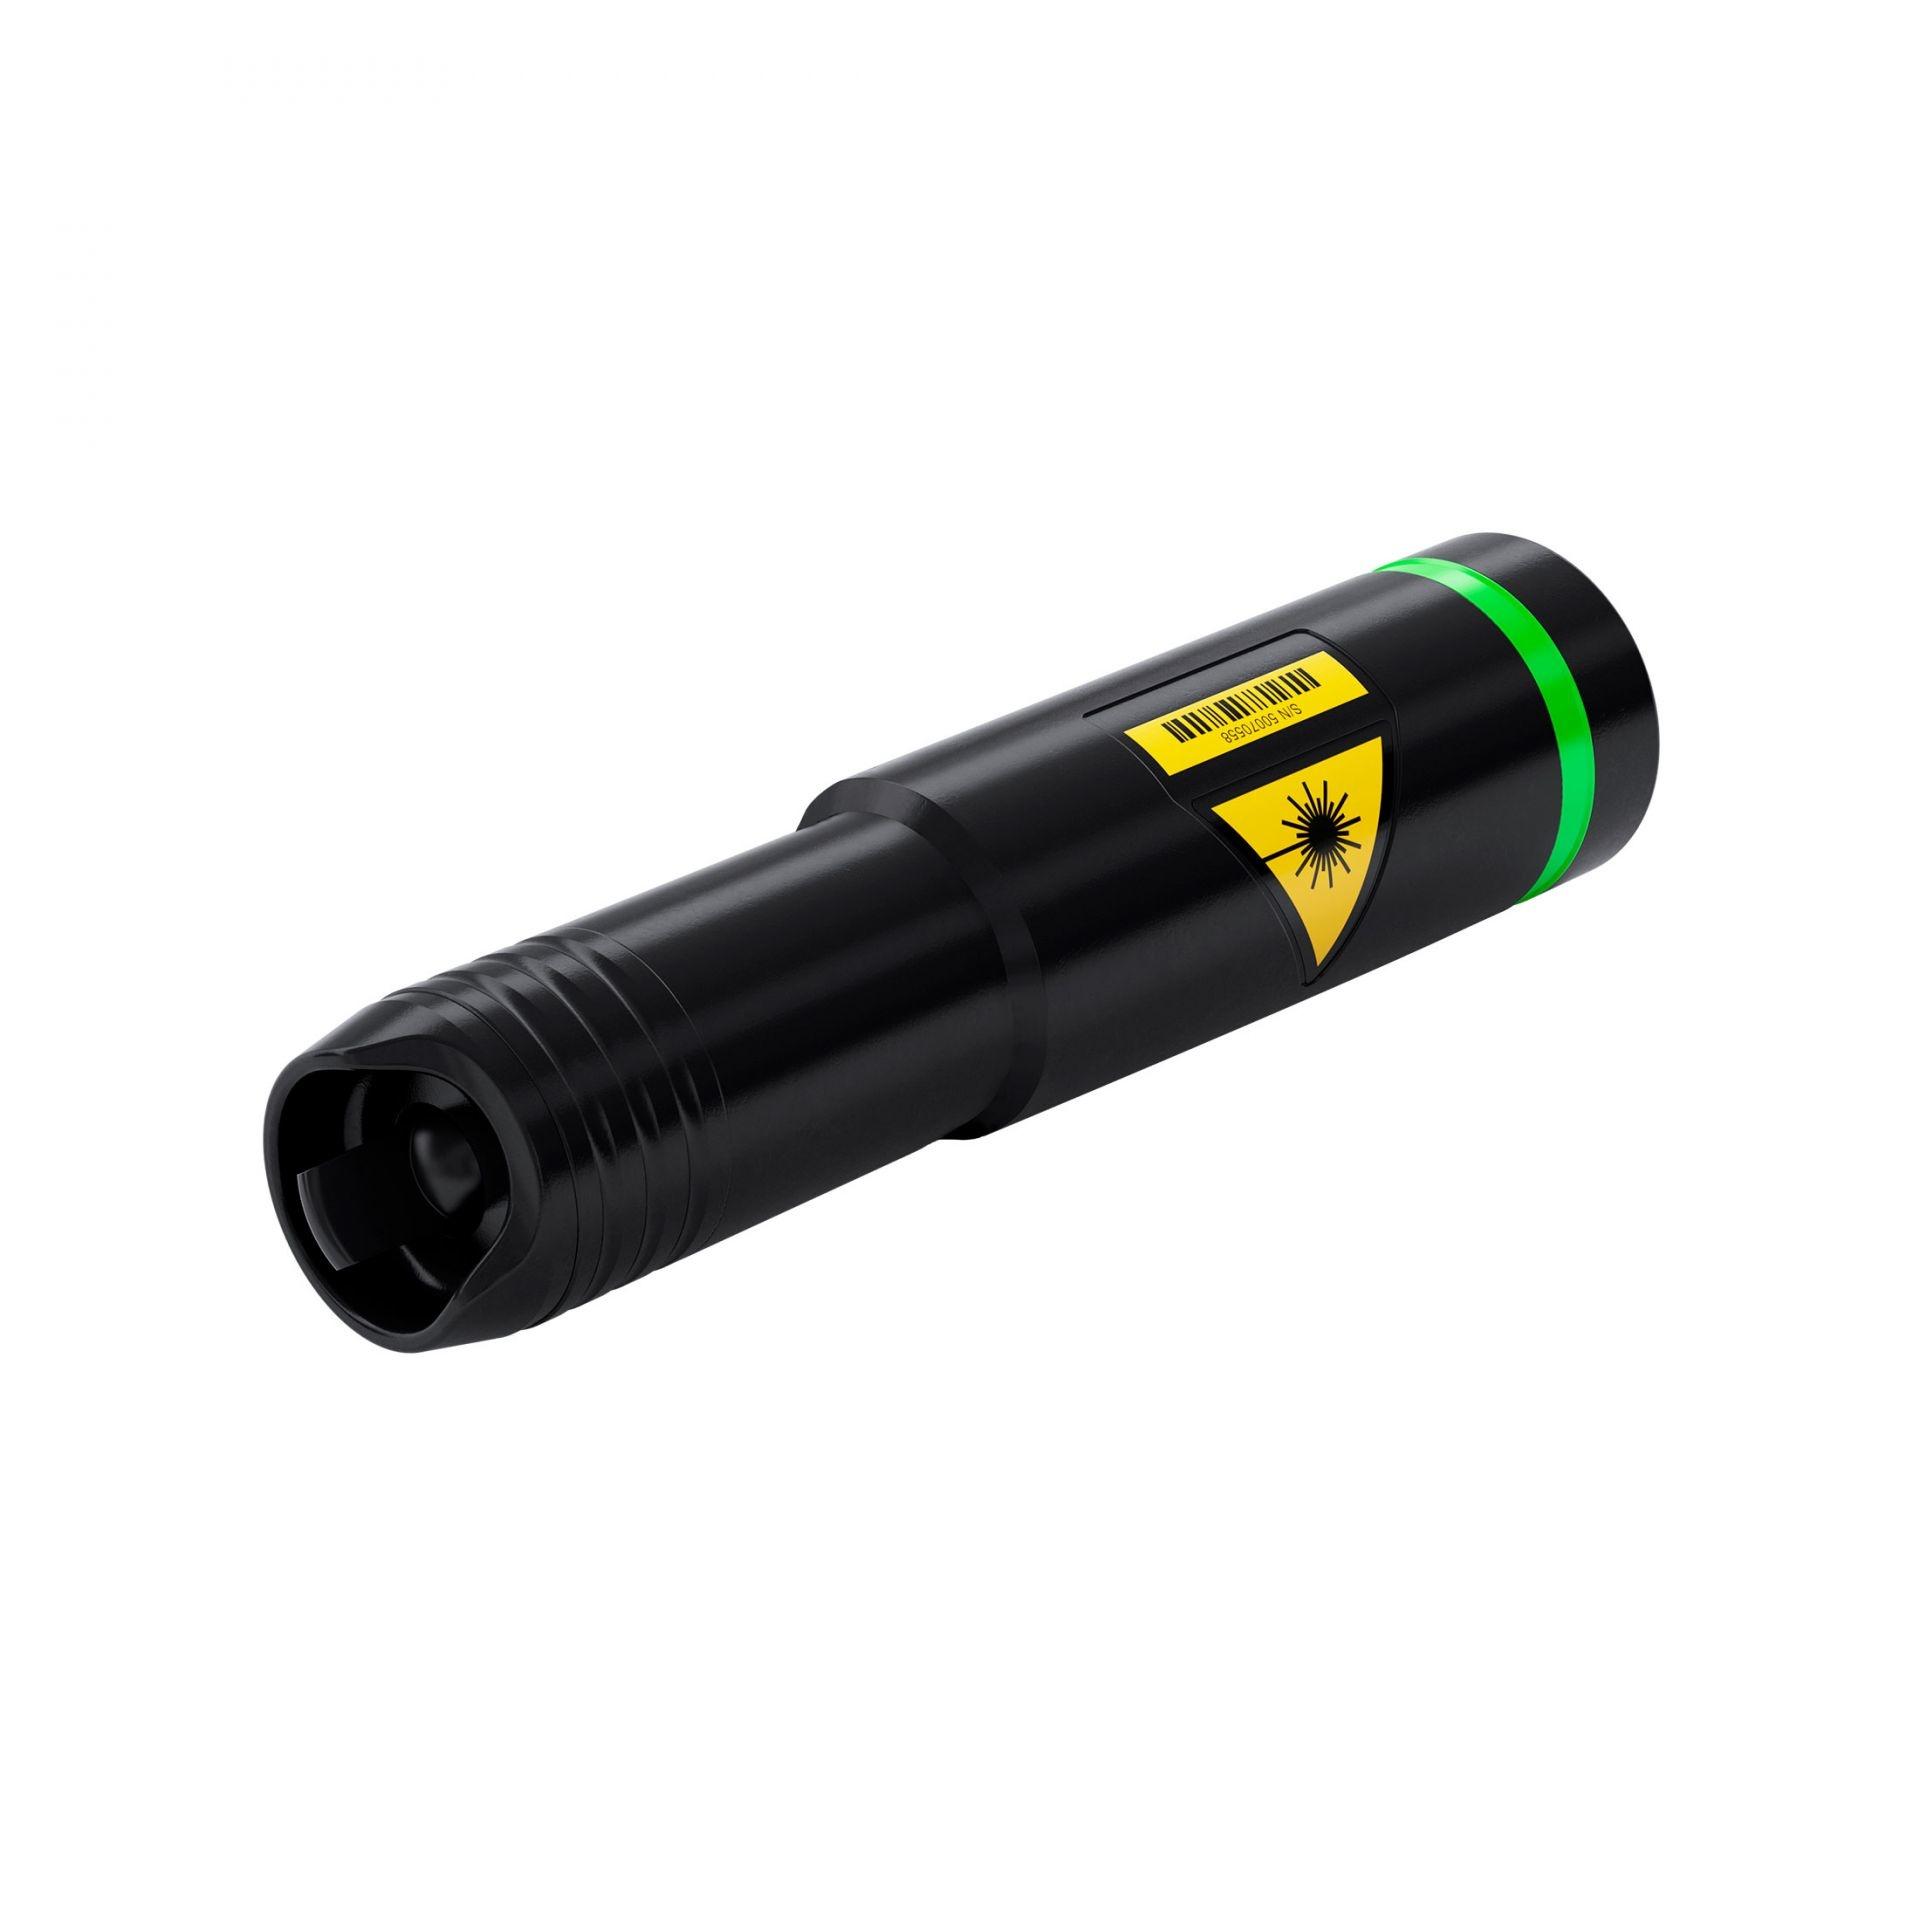 LaserLuchs LA 850-50-FIX